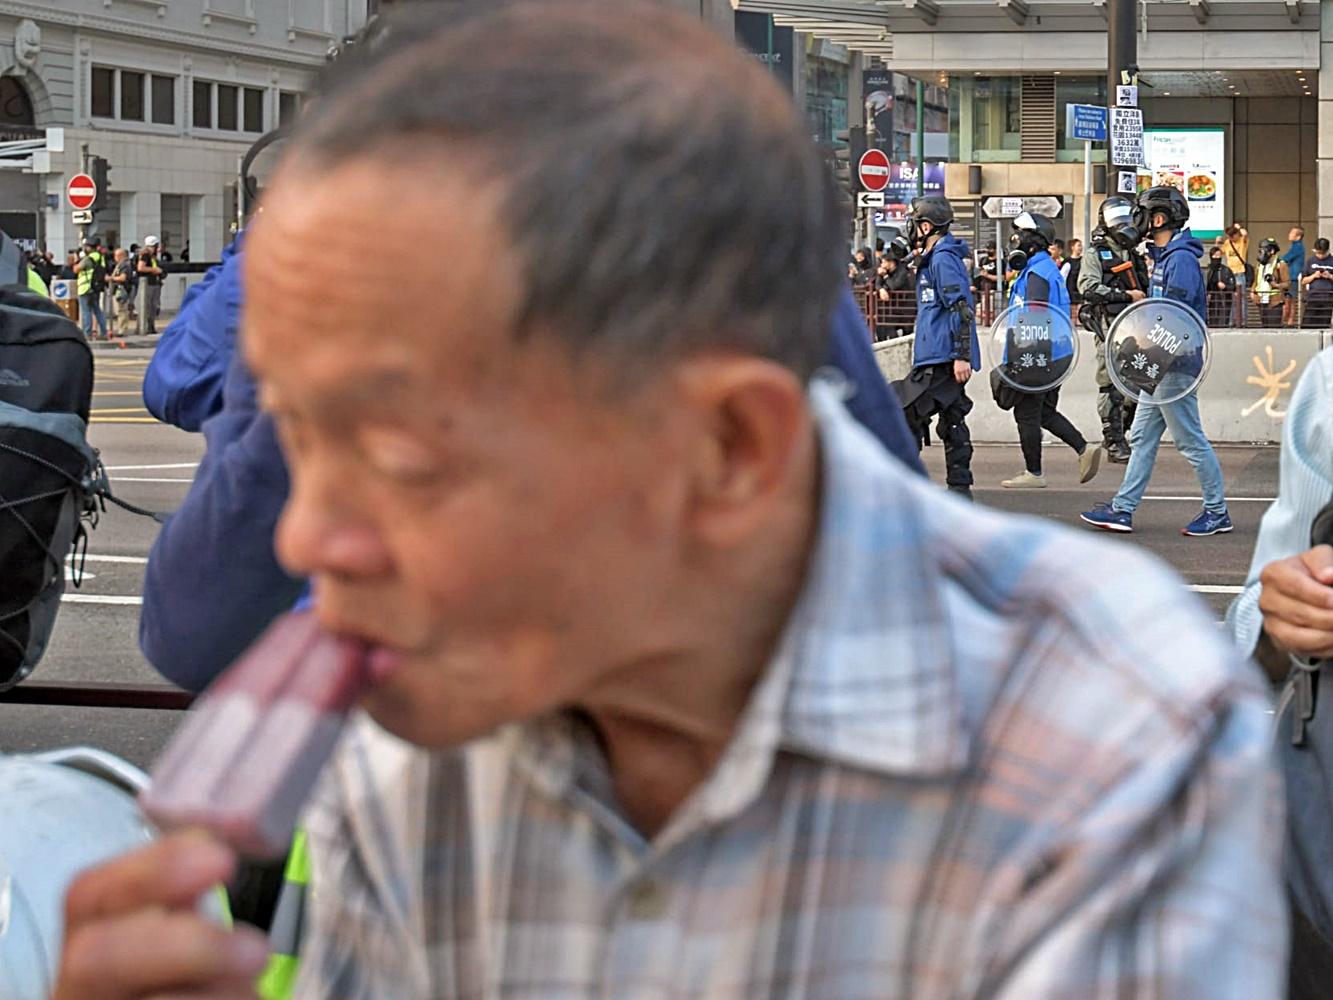 【维港会】尖沙嘴雪条伯伯吸催泪烟 食雪条纾缓不适